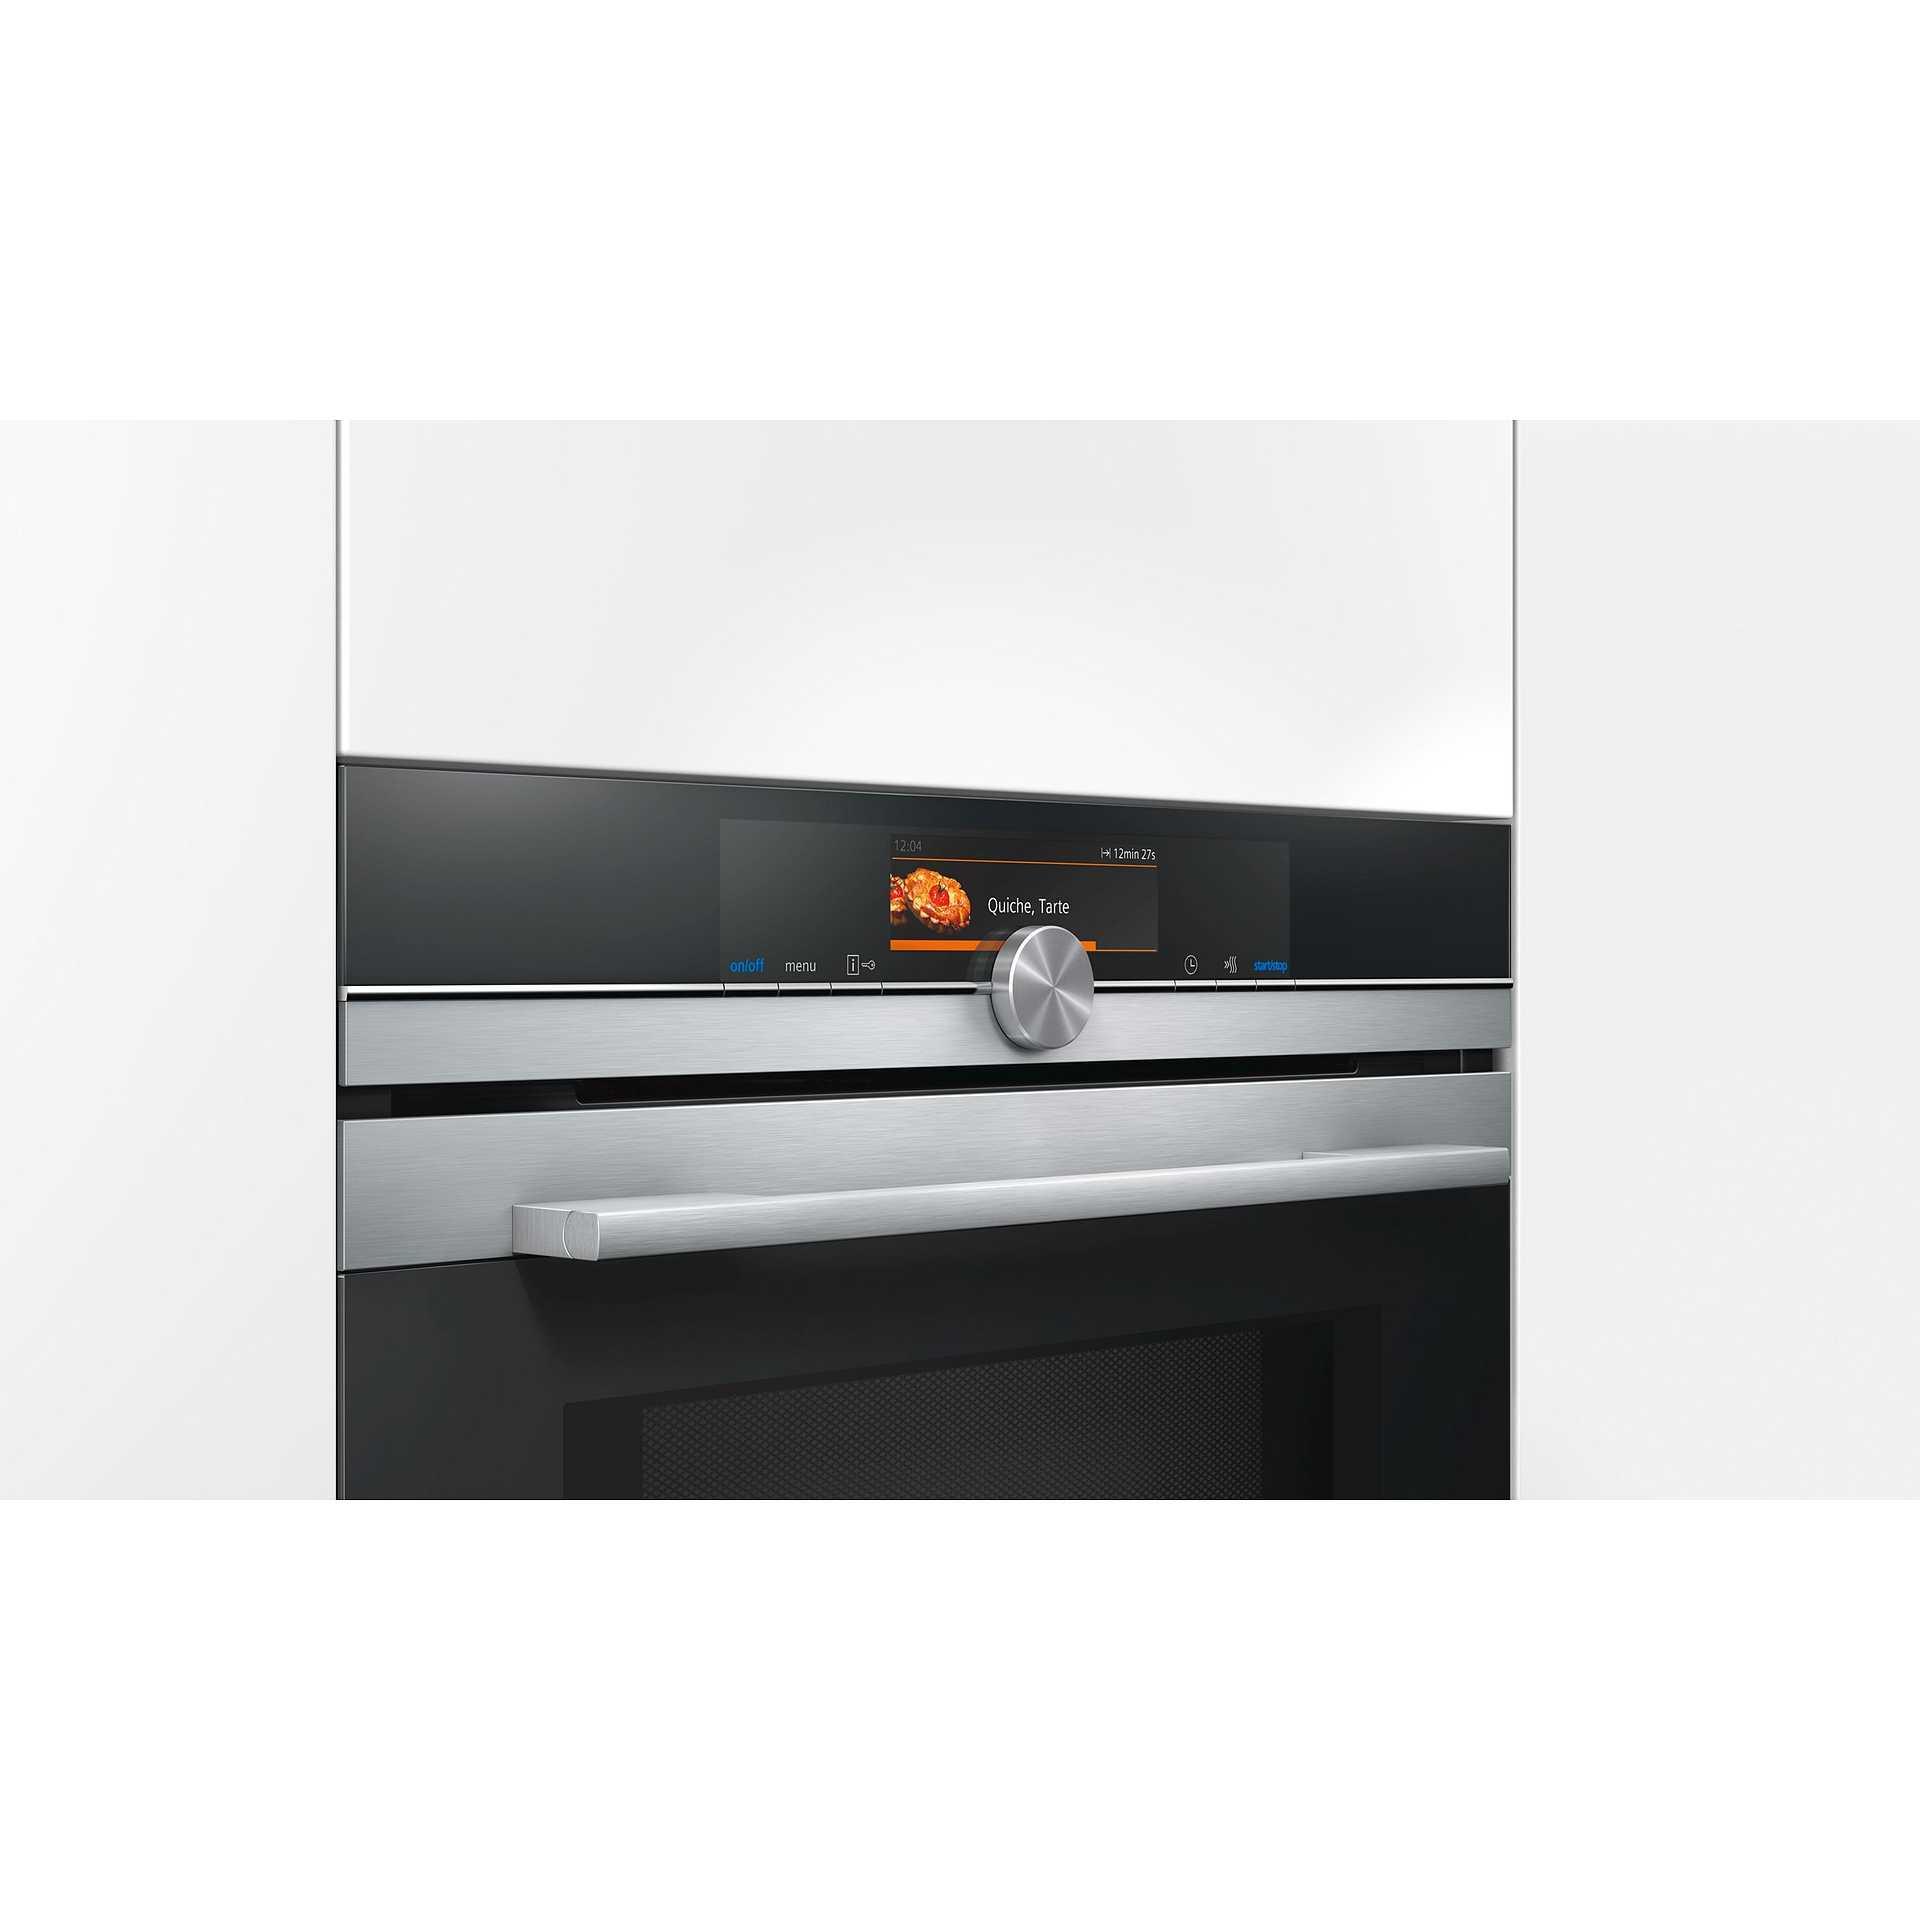 Hm678g4s1 siemens forno elettrico microonde da incasso con funzione vapore 67 l cl a pirolitico - Forno elettrico con microonde integrato ...